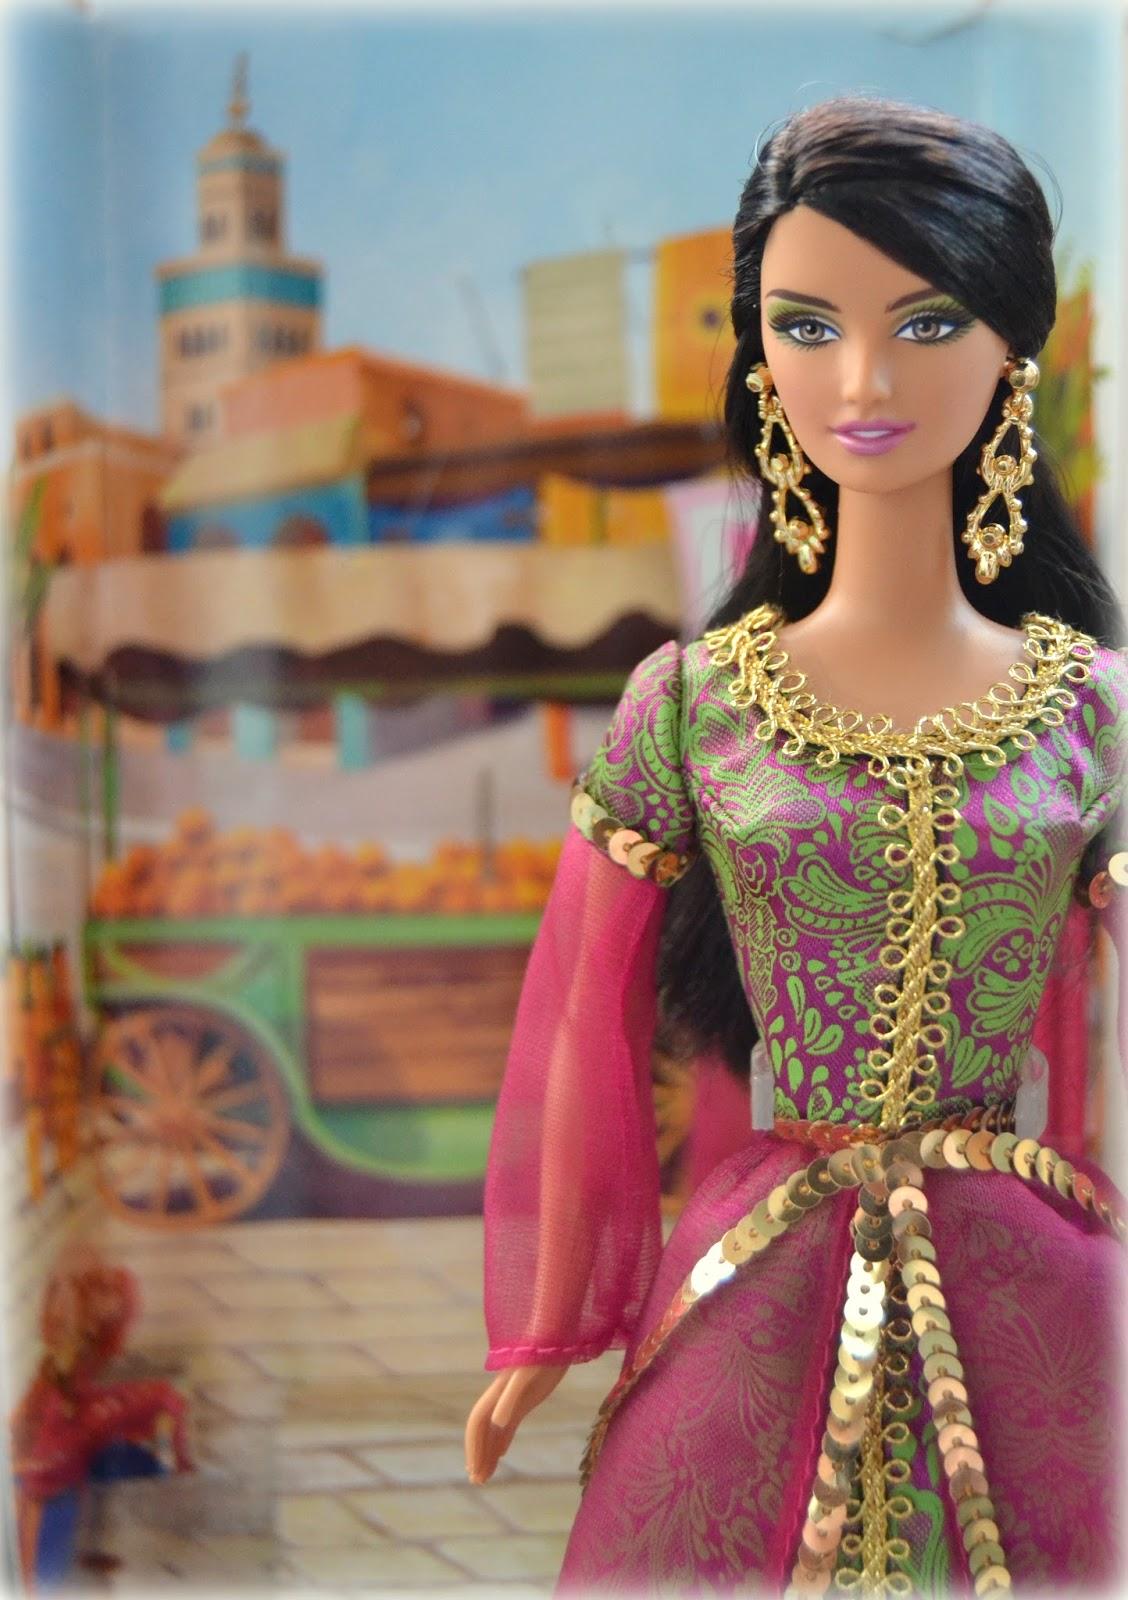 Mi casita de muñecas: Barbie Marruecos